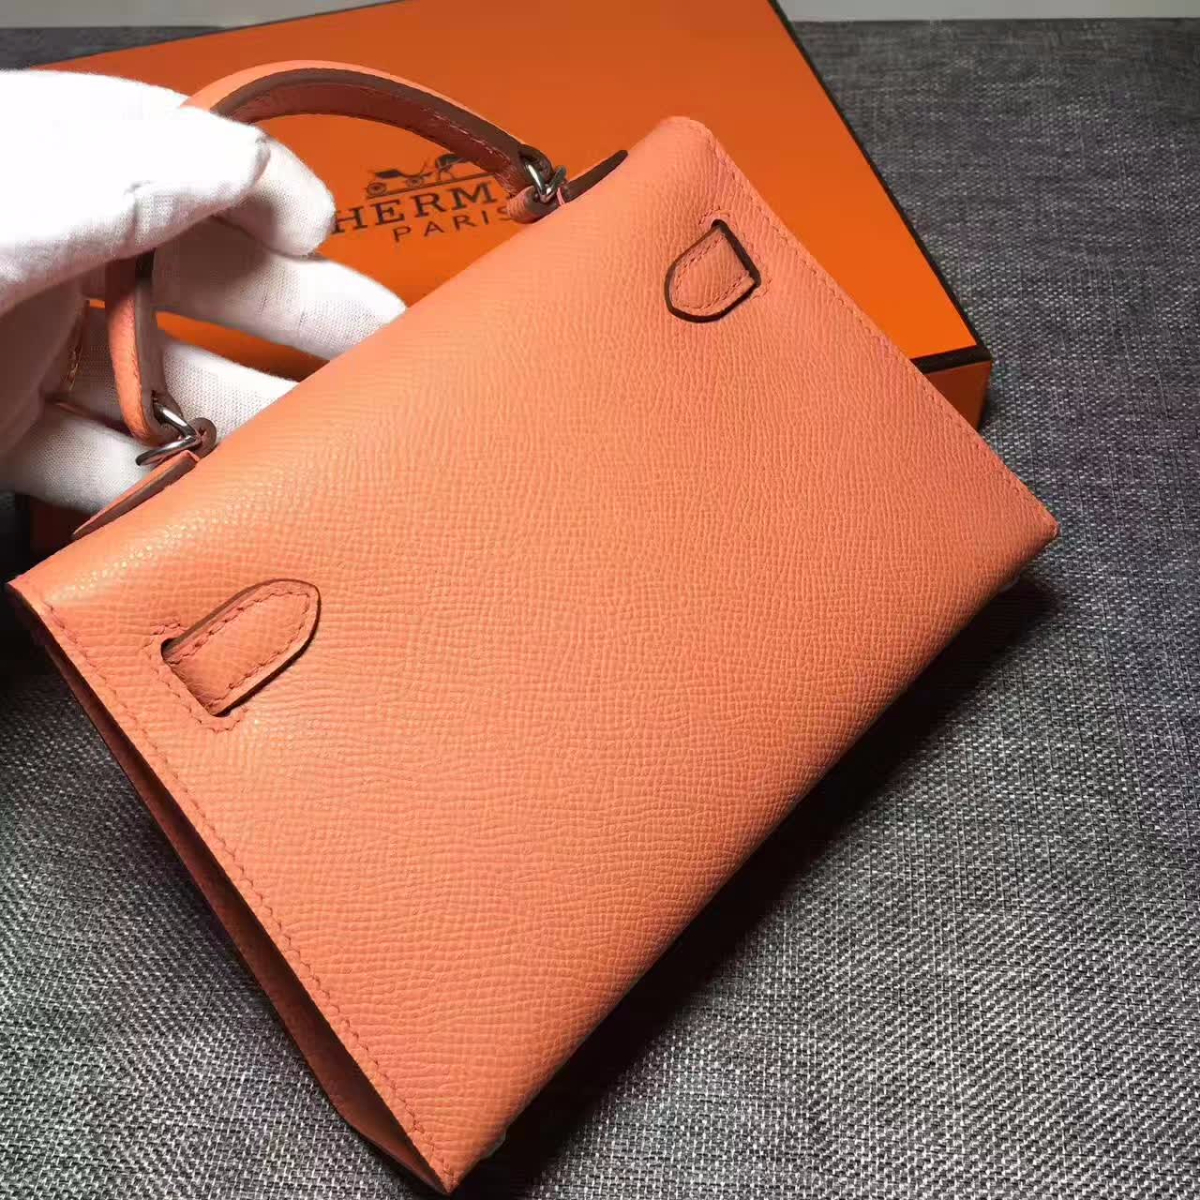 Hermes Mini Bag hhem575_1